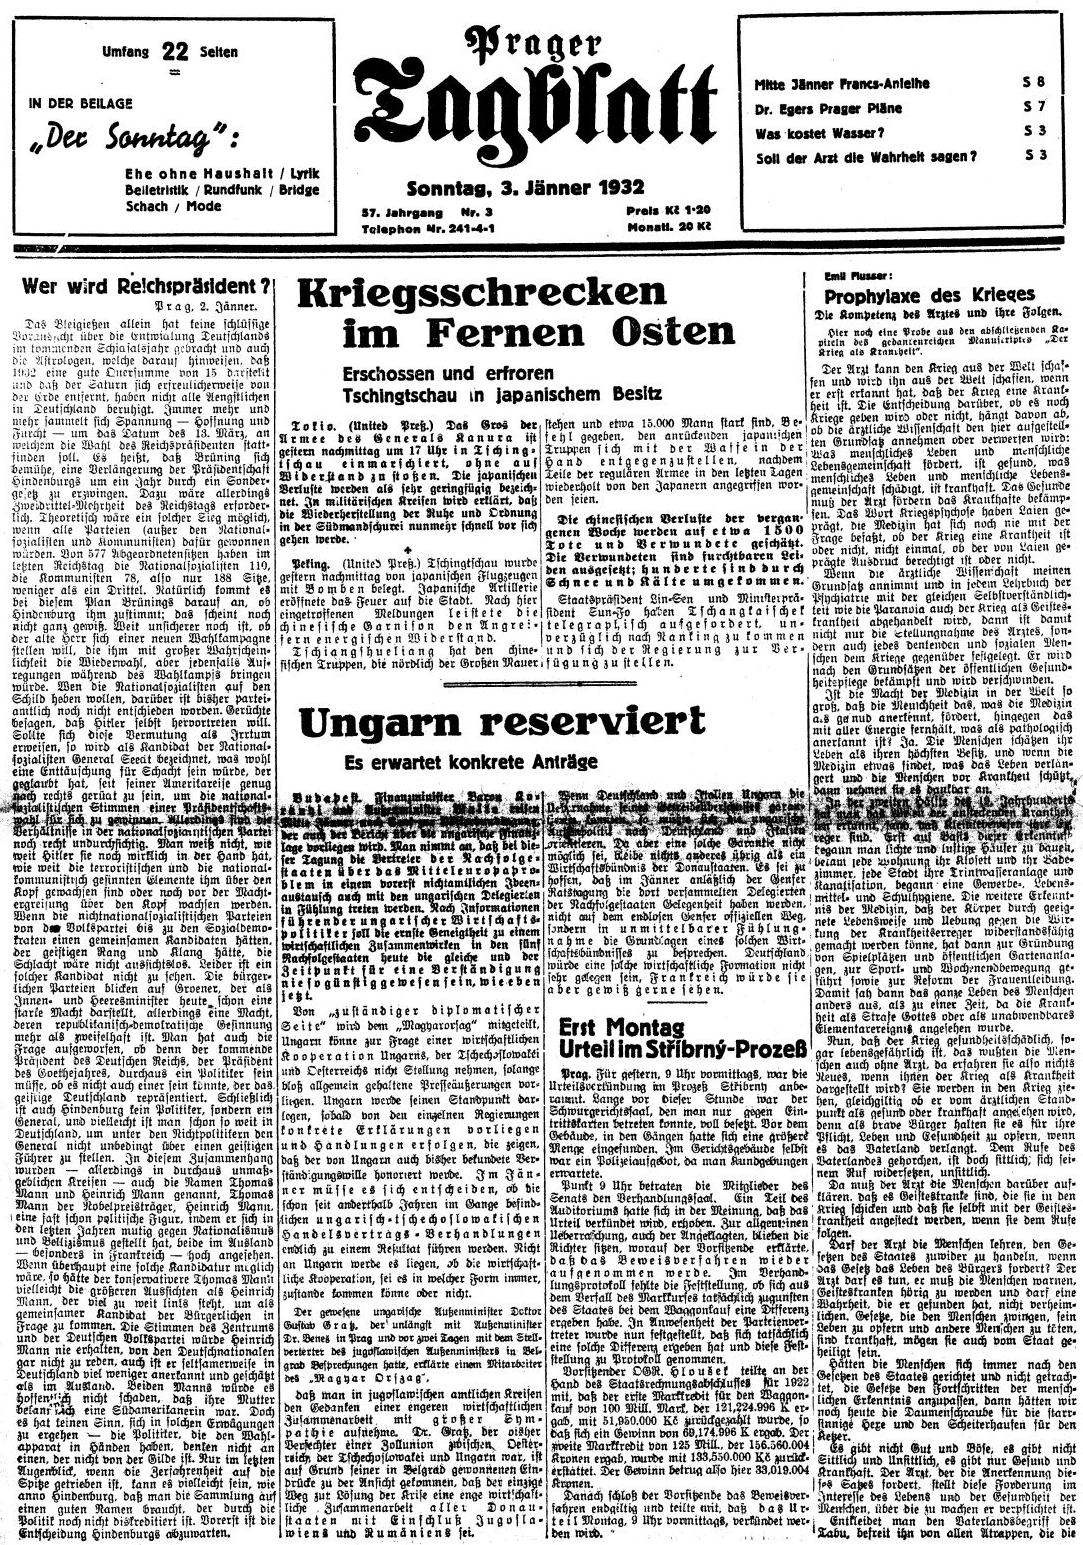 """Prvá strana čísla proslulého pražského německého listu z 3. ledna roku 1932 s ukázkou z jeho knihy """"Válka jako nemoc"""" (nahoře vpravo)"""